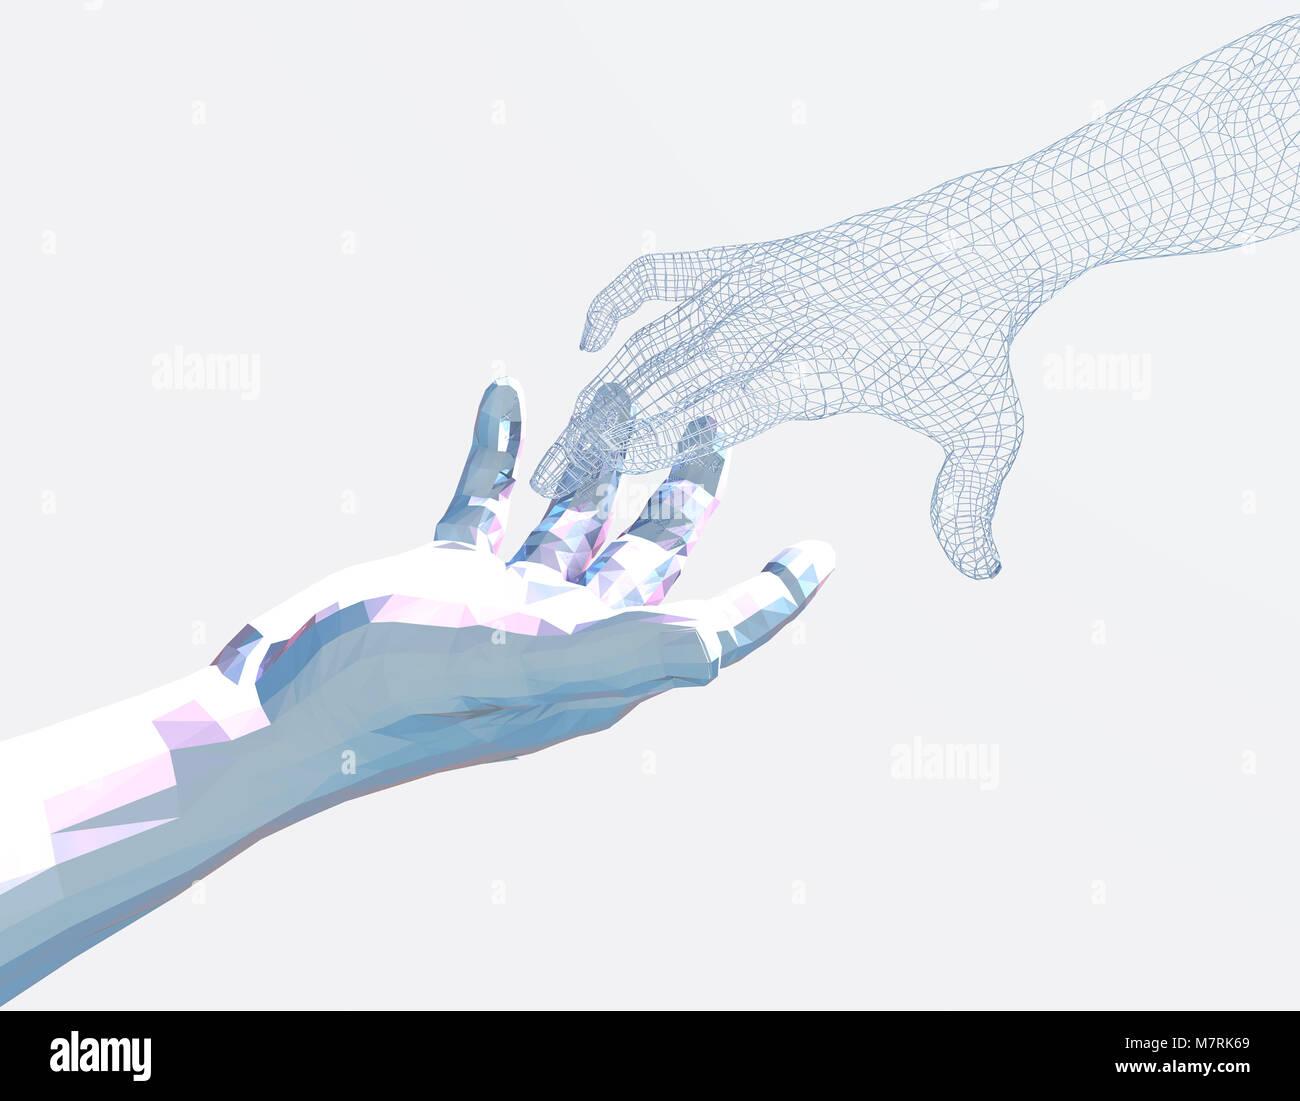 La technologie de l'homme intelligent, de communication, de transmission de données de communication intelligente Photo Stock